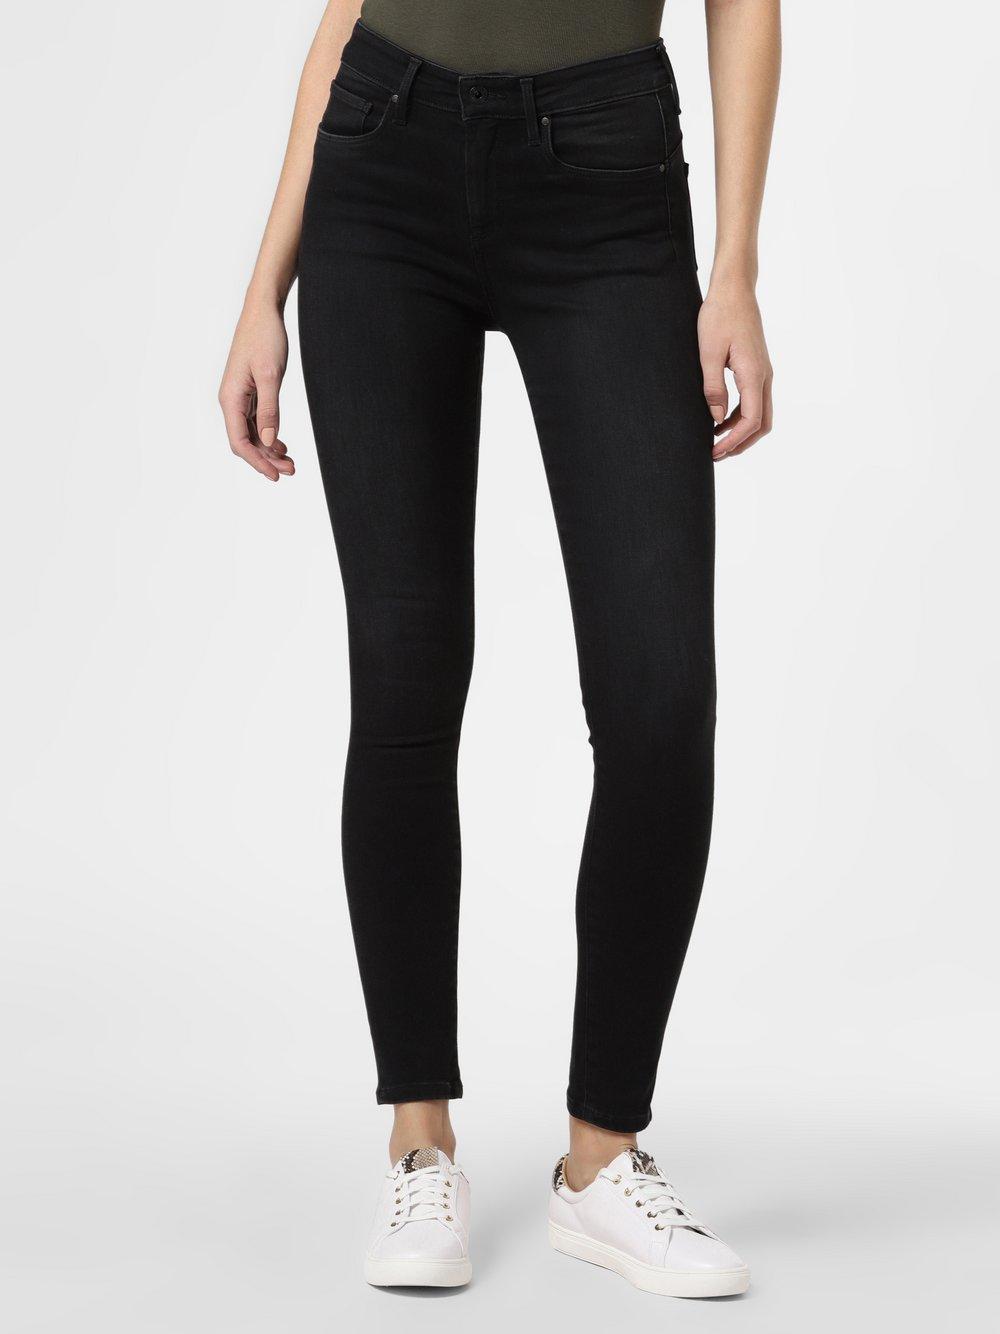 Pepe Jeans - Jeansy damskie – Zoe, czarny